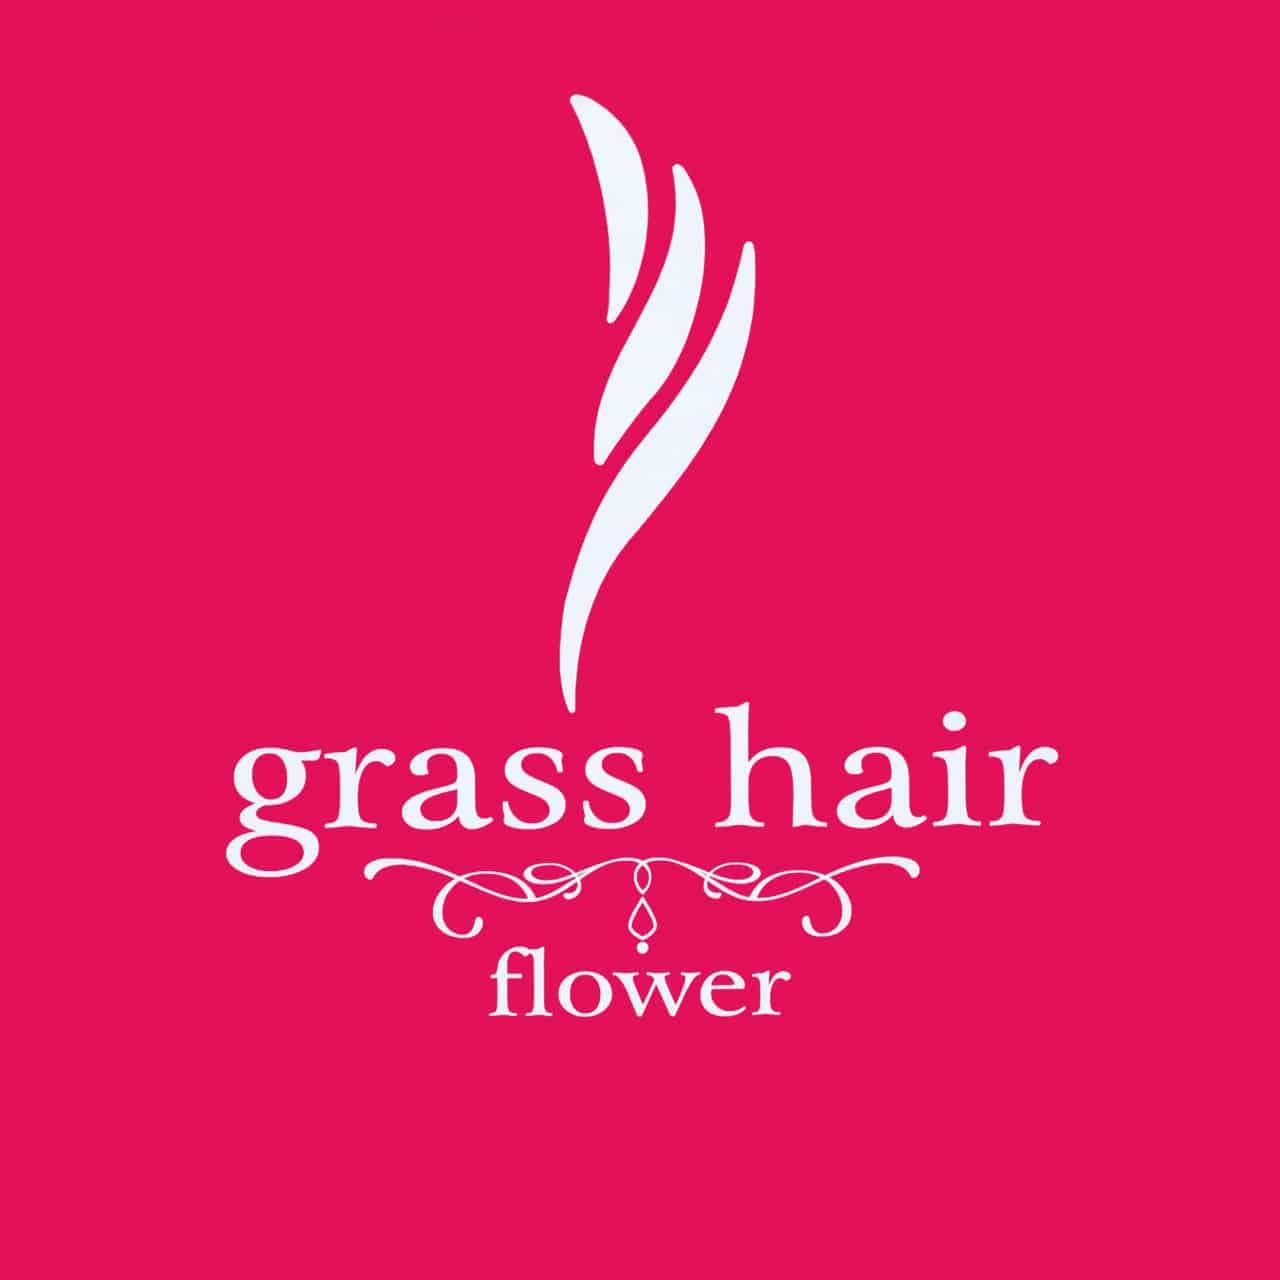 grasshair flower